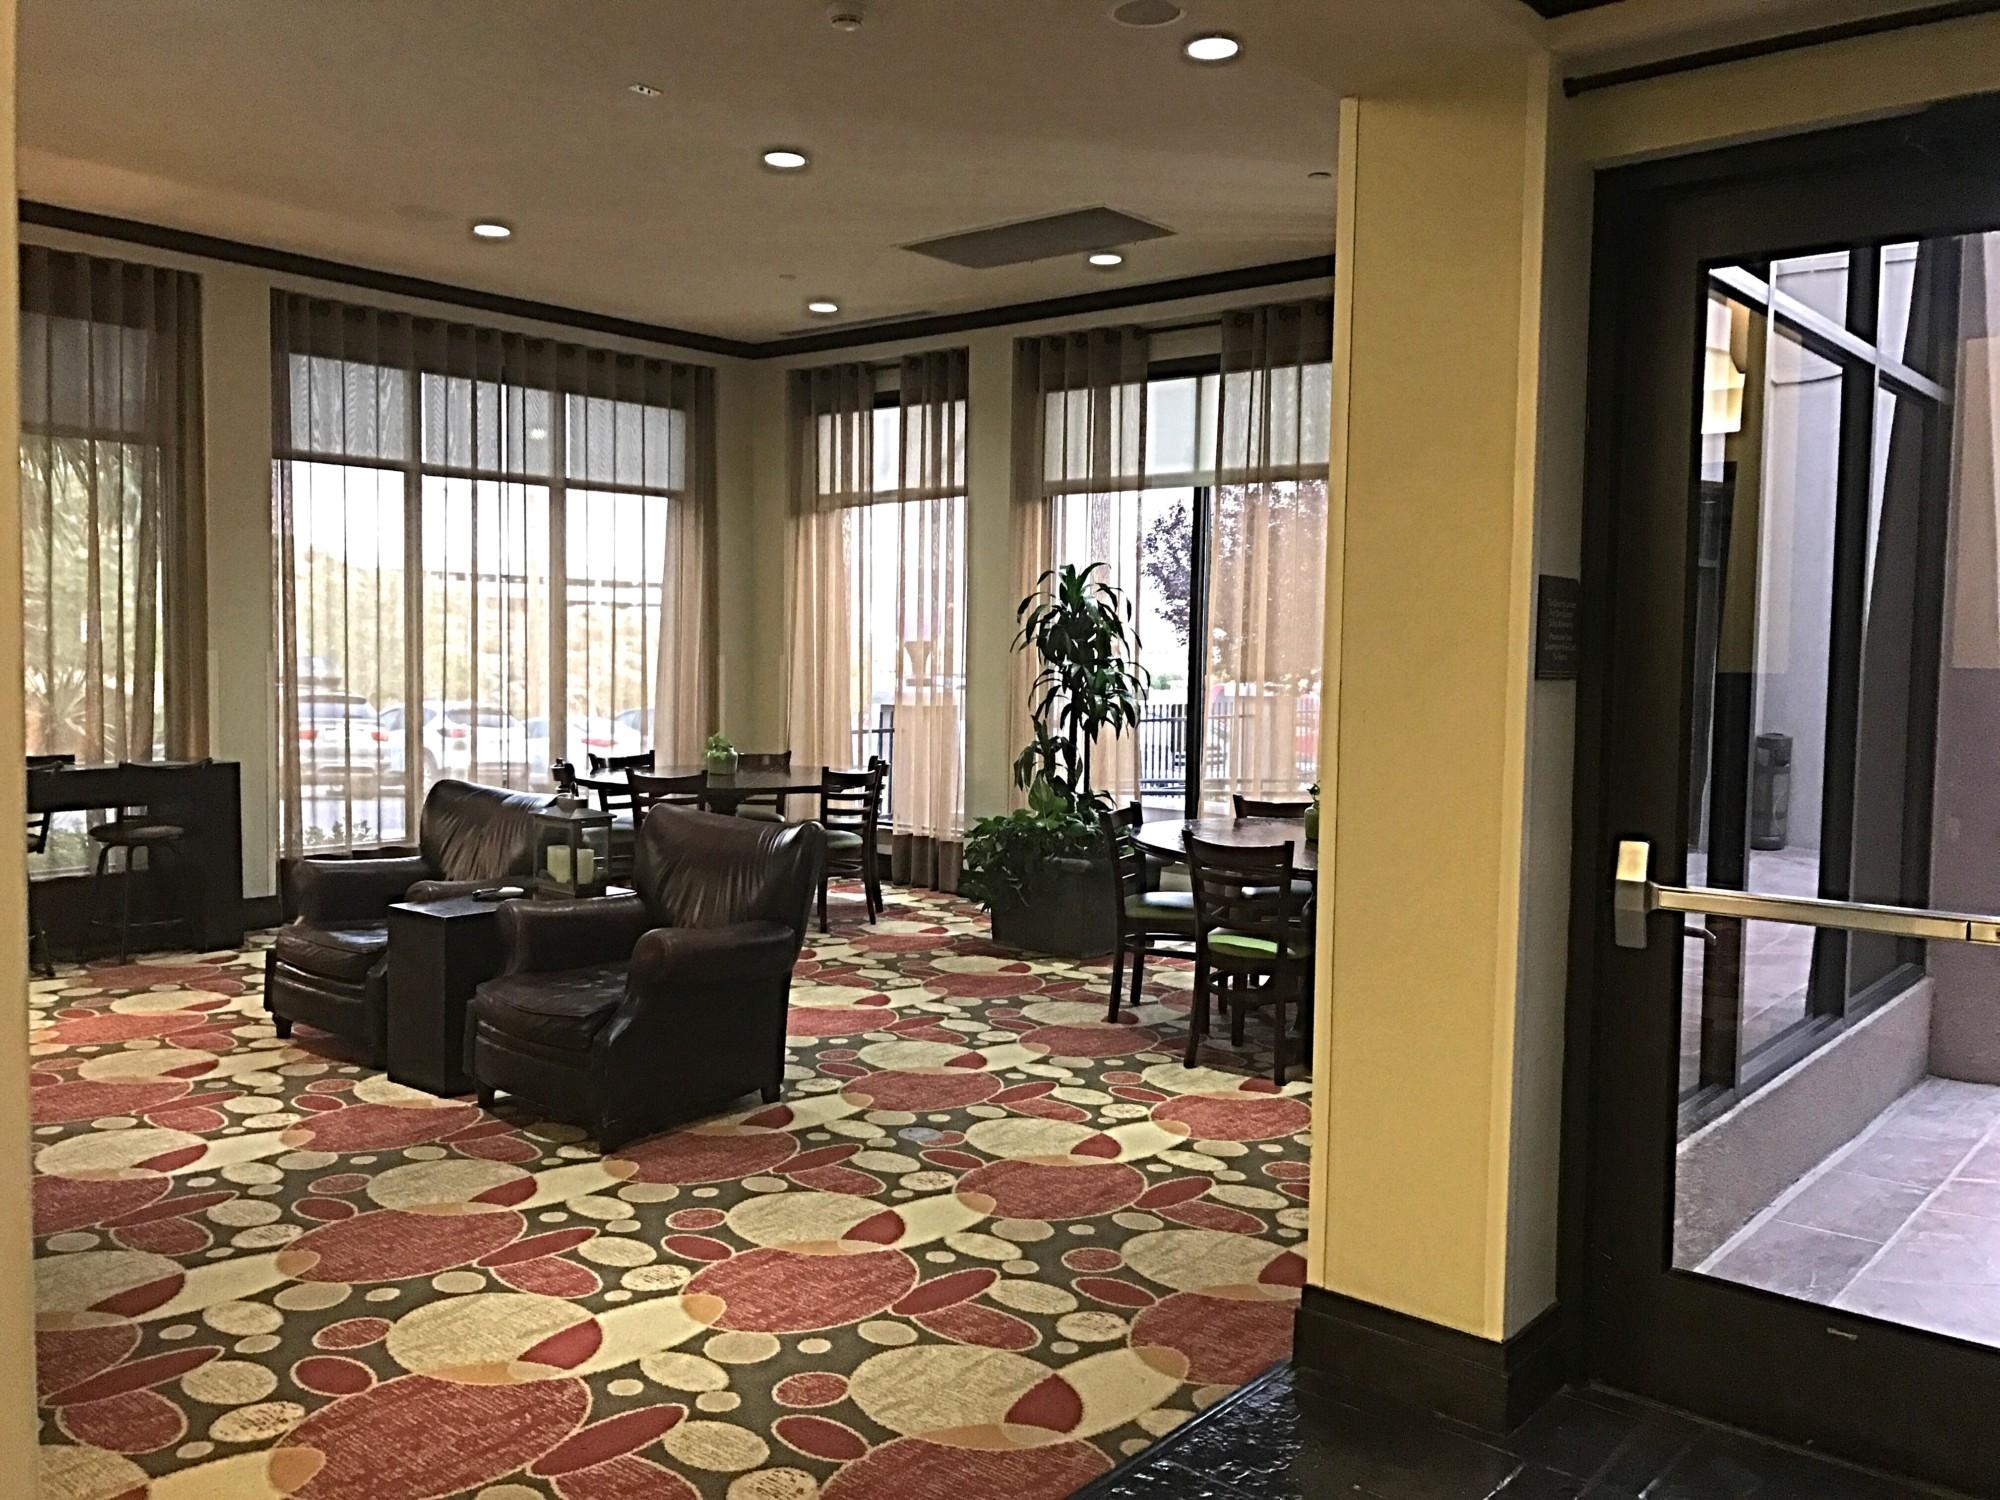 Hilton Garden Inn El Paso, Texas